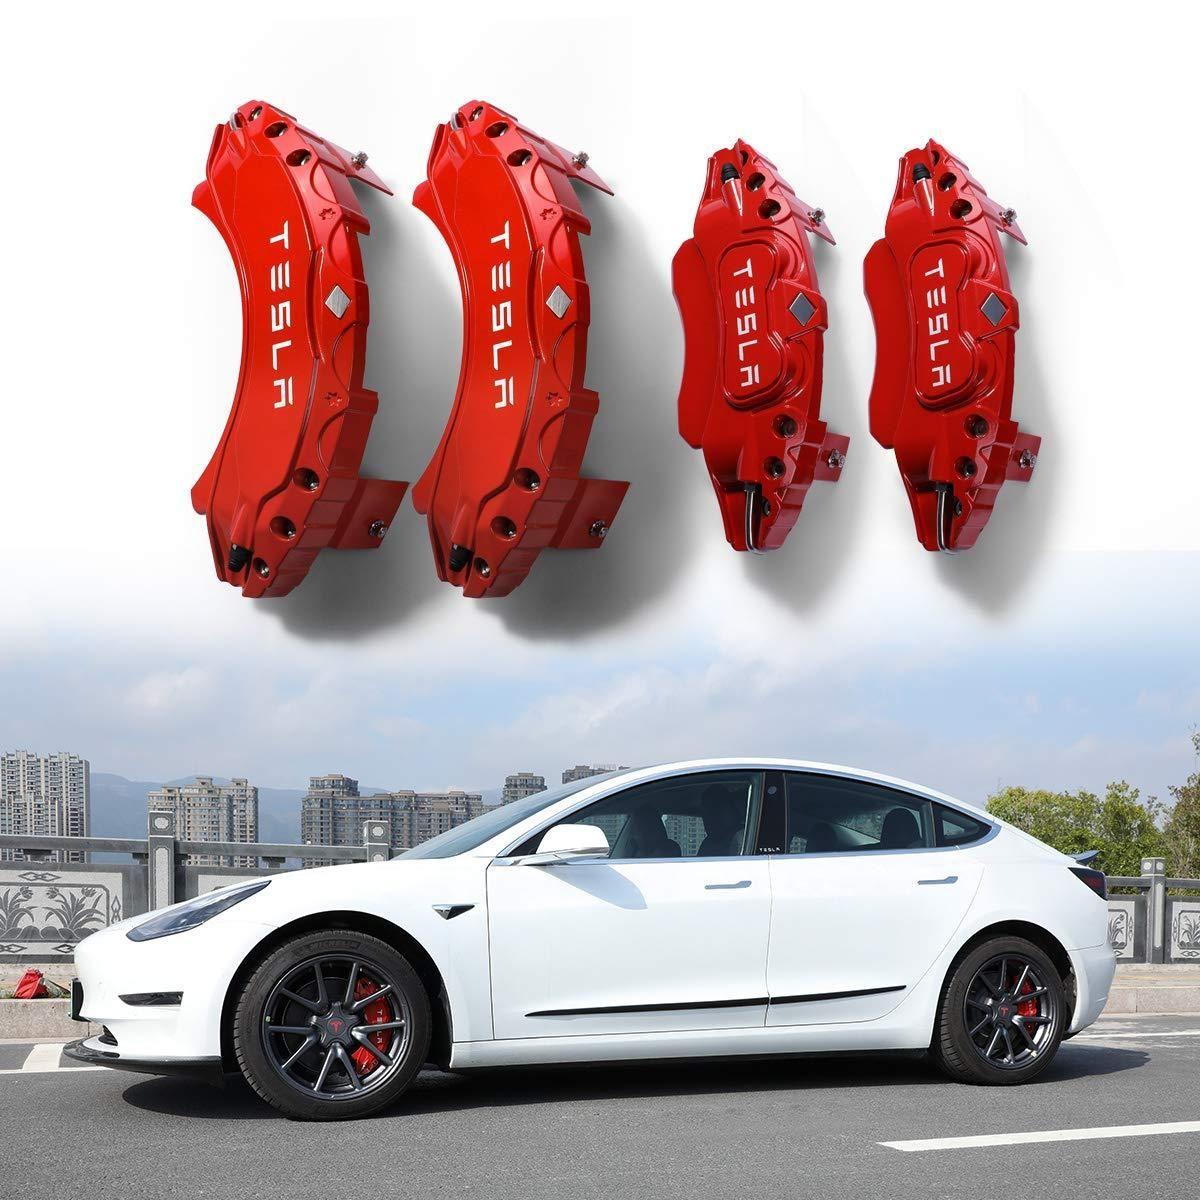 Red Caliper Covers Tesla Model 3 2017 2020 Tesla Model Tesla Calipers